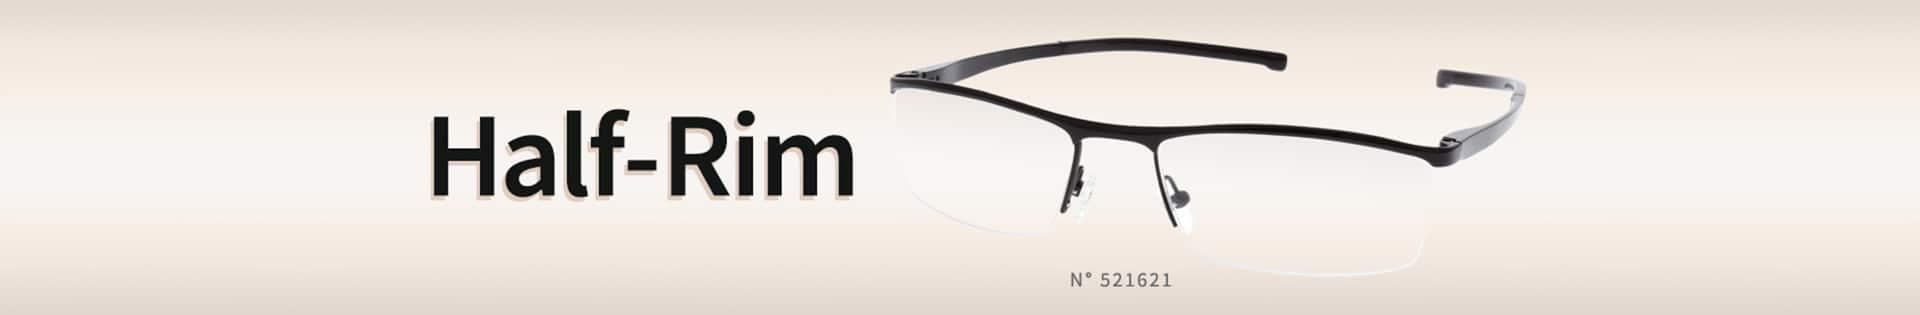 Half-Rim, frame #521621